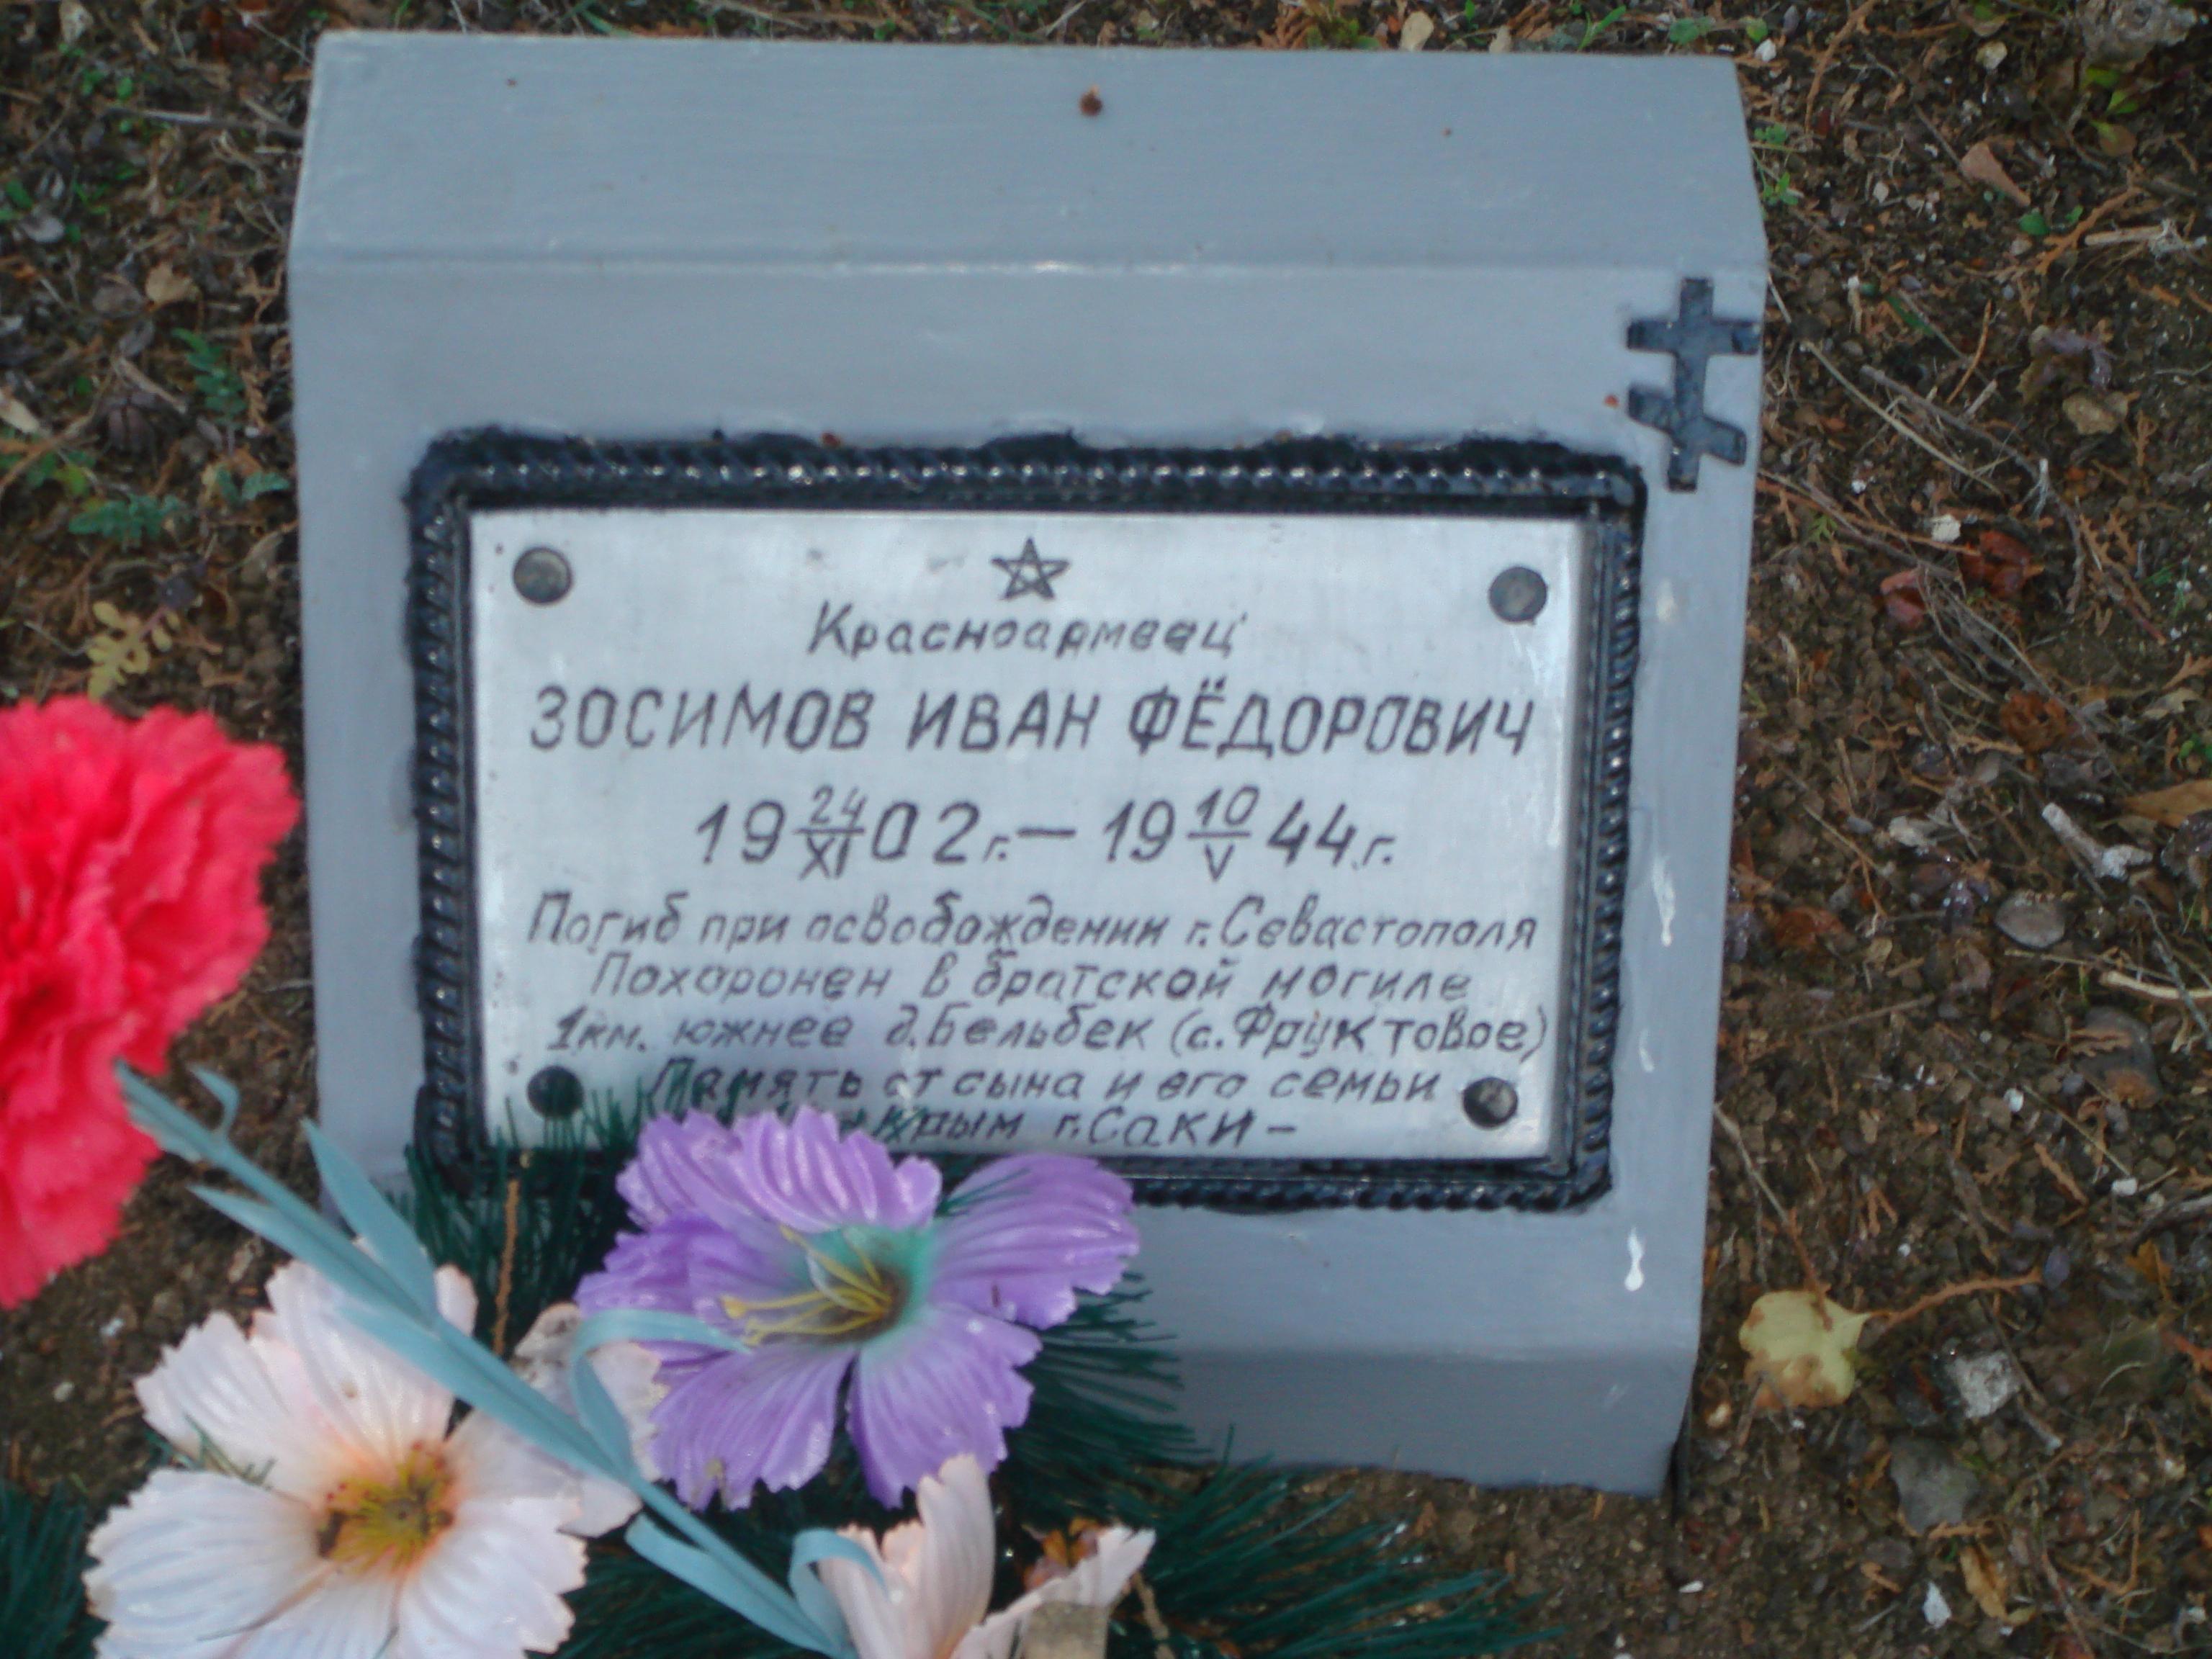 Зосимов И.Ф. 1902-1944